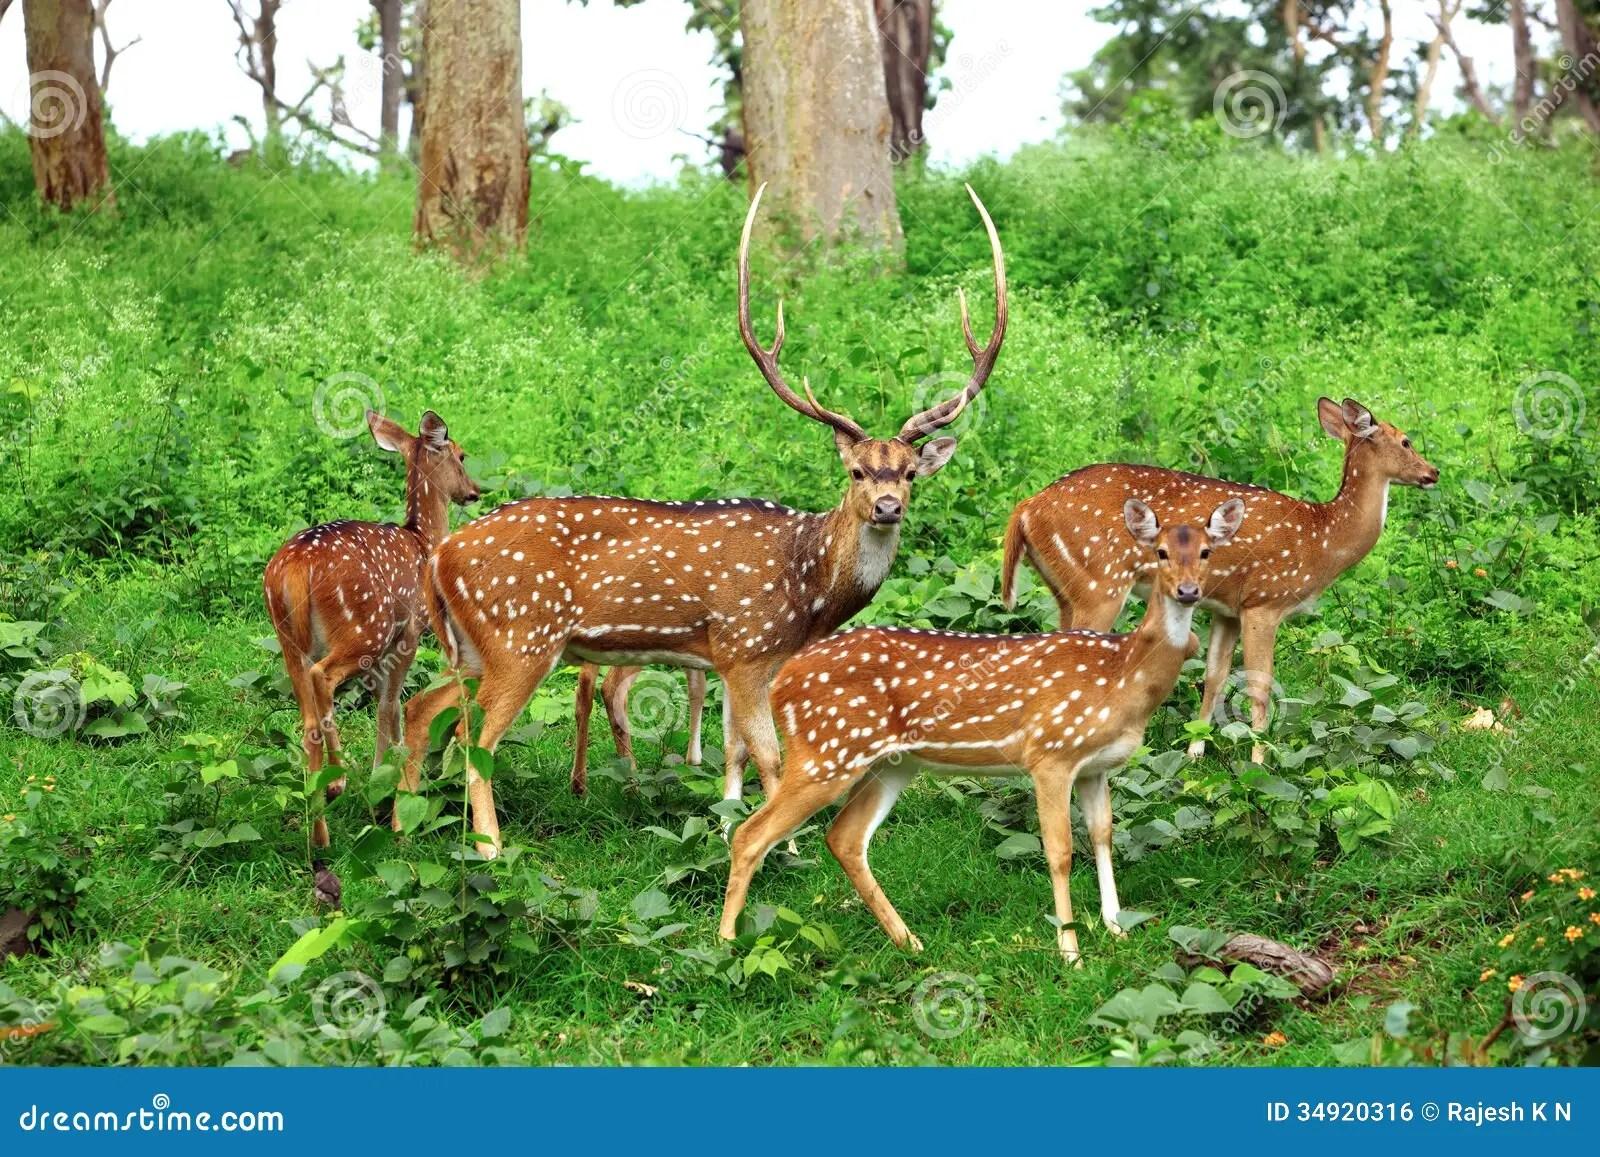 Deer Flock In Natural Habitat Stock Photo